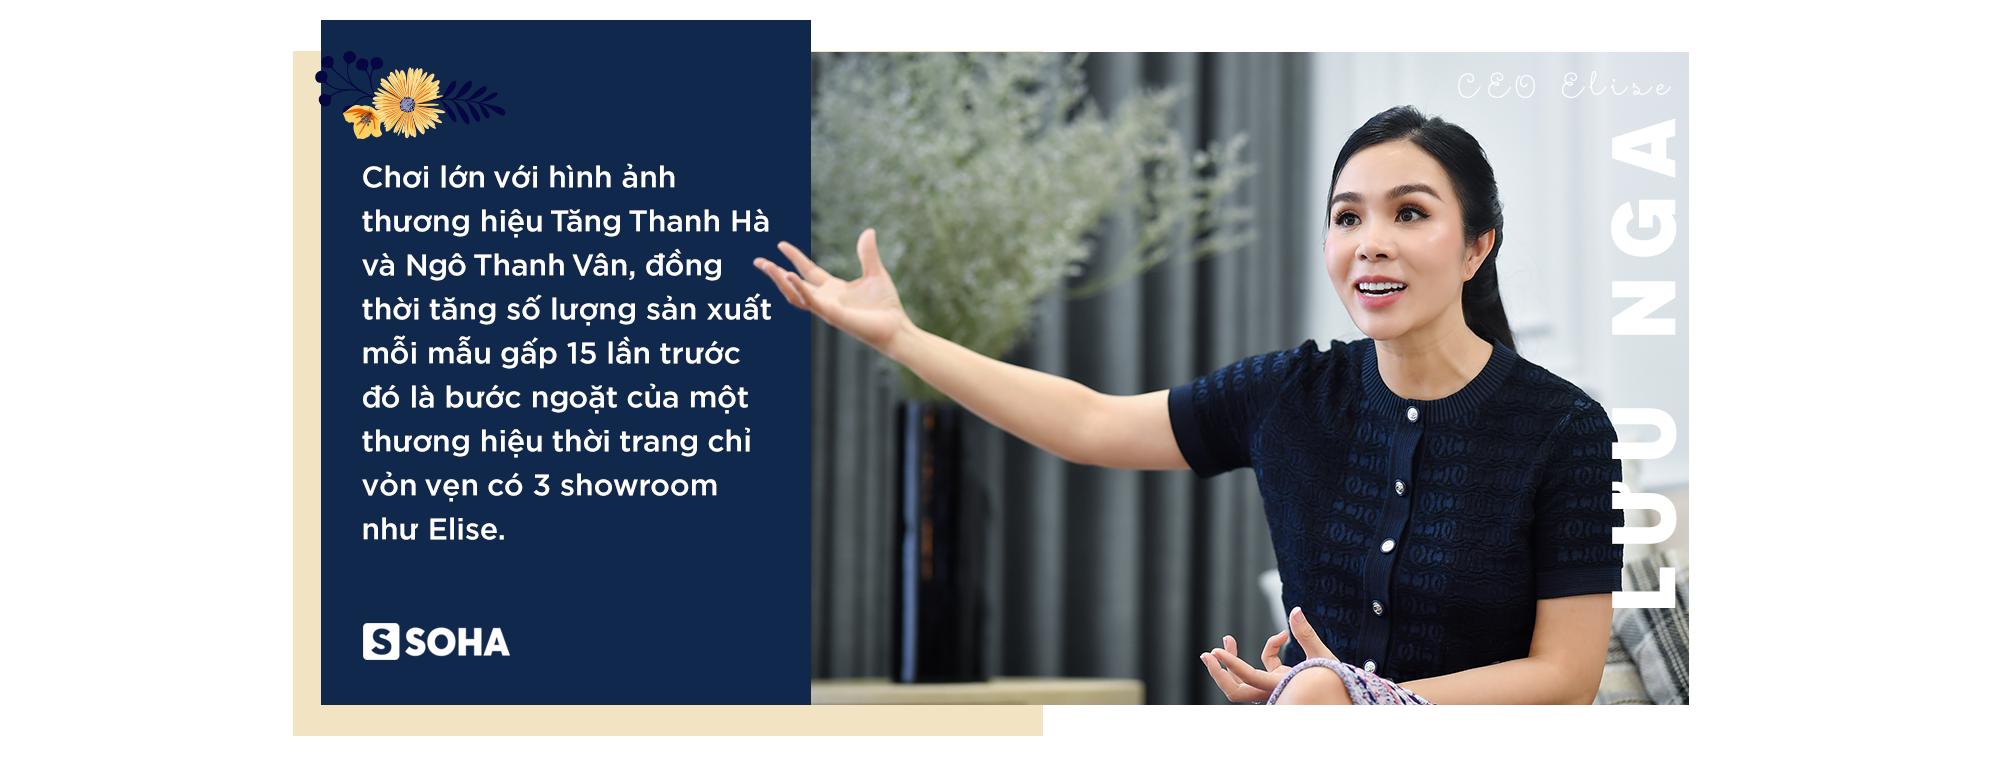 Founder Elise: Từ startup bùng lên với Ngô Thanh Vân, Tăng Thanh Hà đến giấc mơ tỷ đô khi sánh bước cùng người khổng lồ thế giới - Ảnh 7.